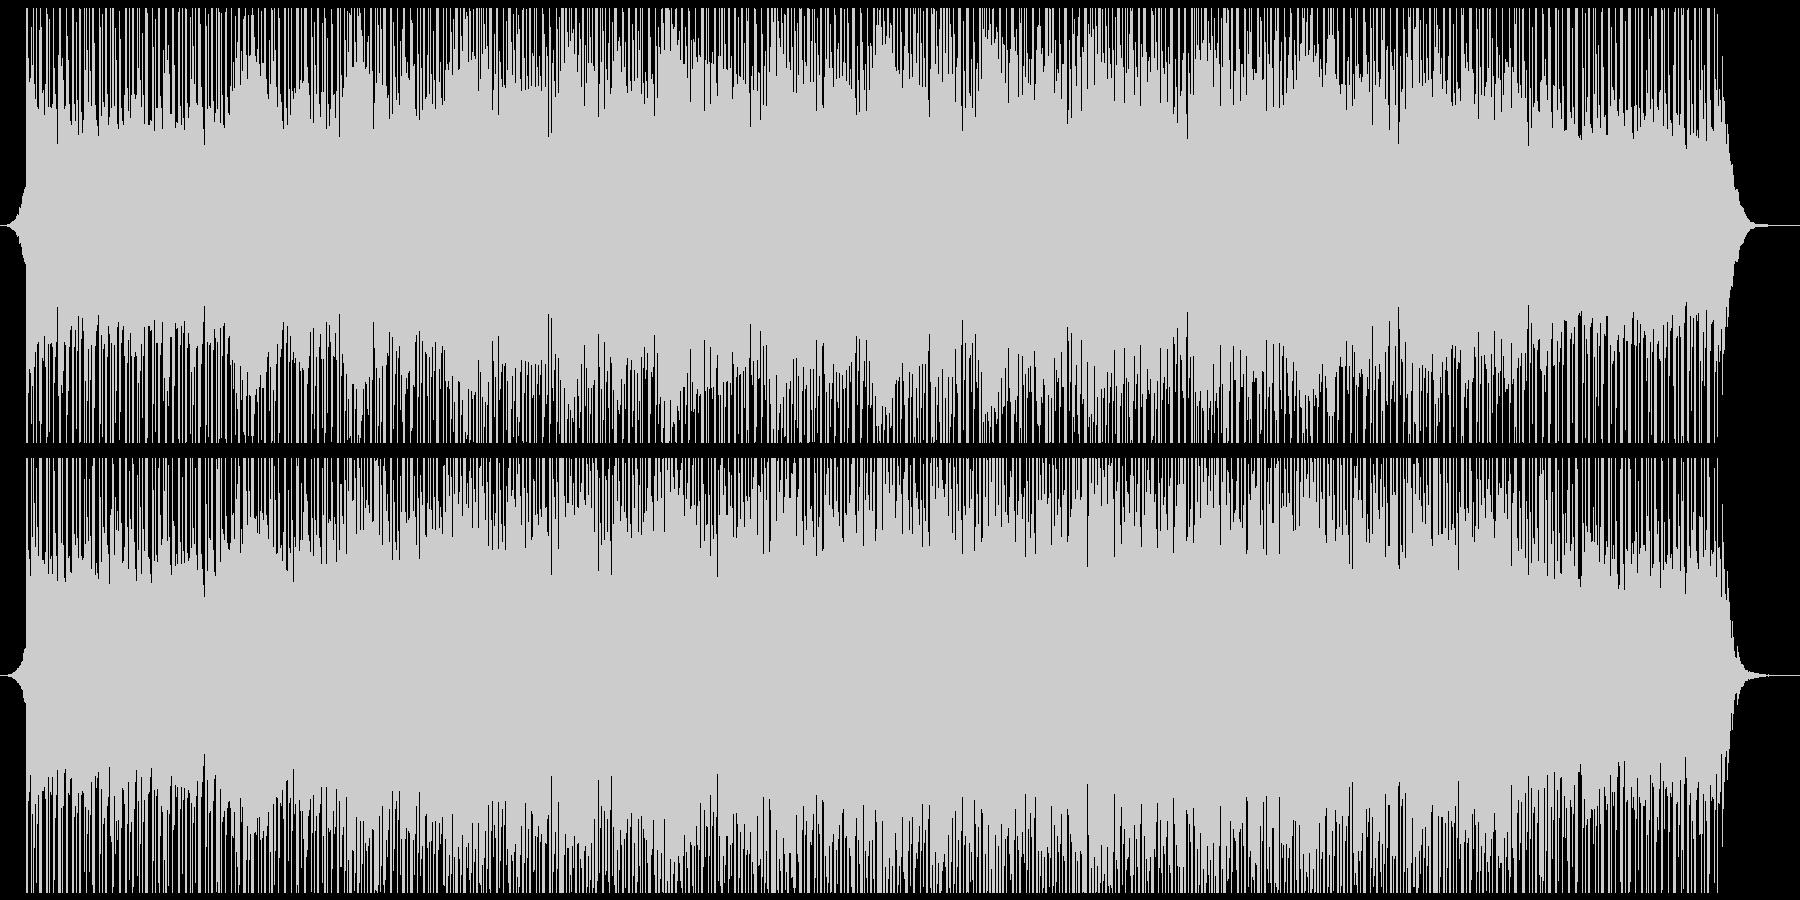 人気のある電子機器 企業イメージ ...の未再生の波形